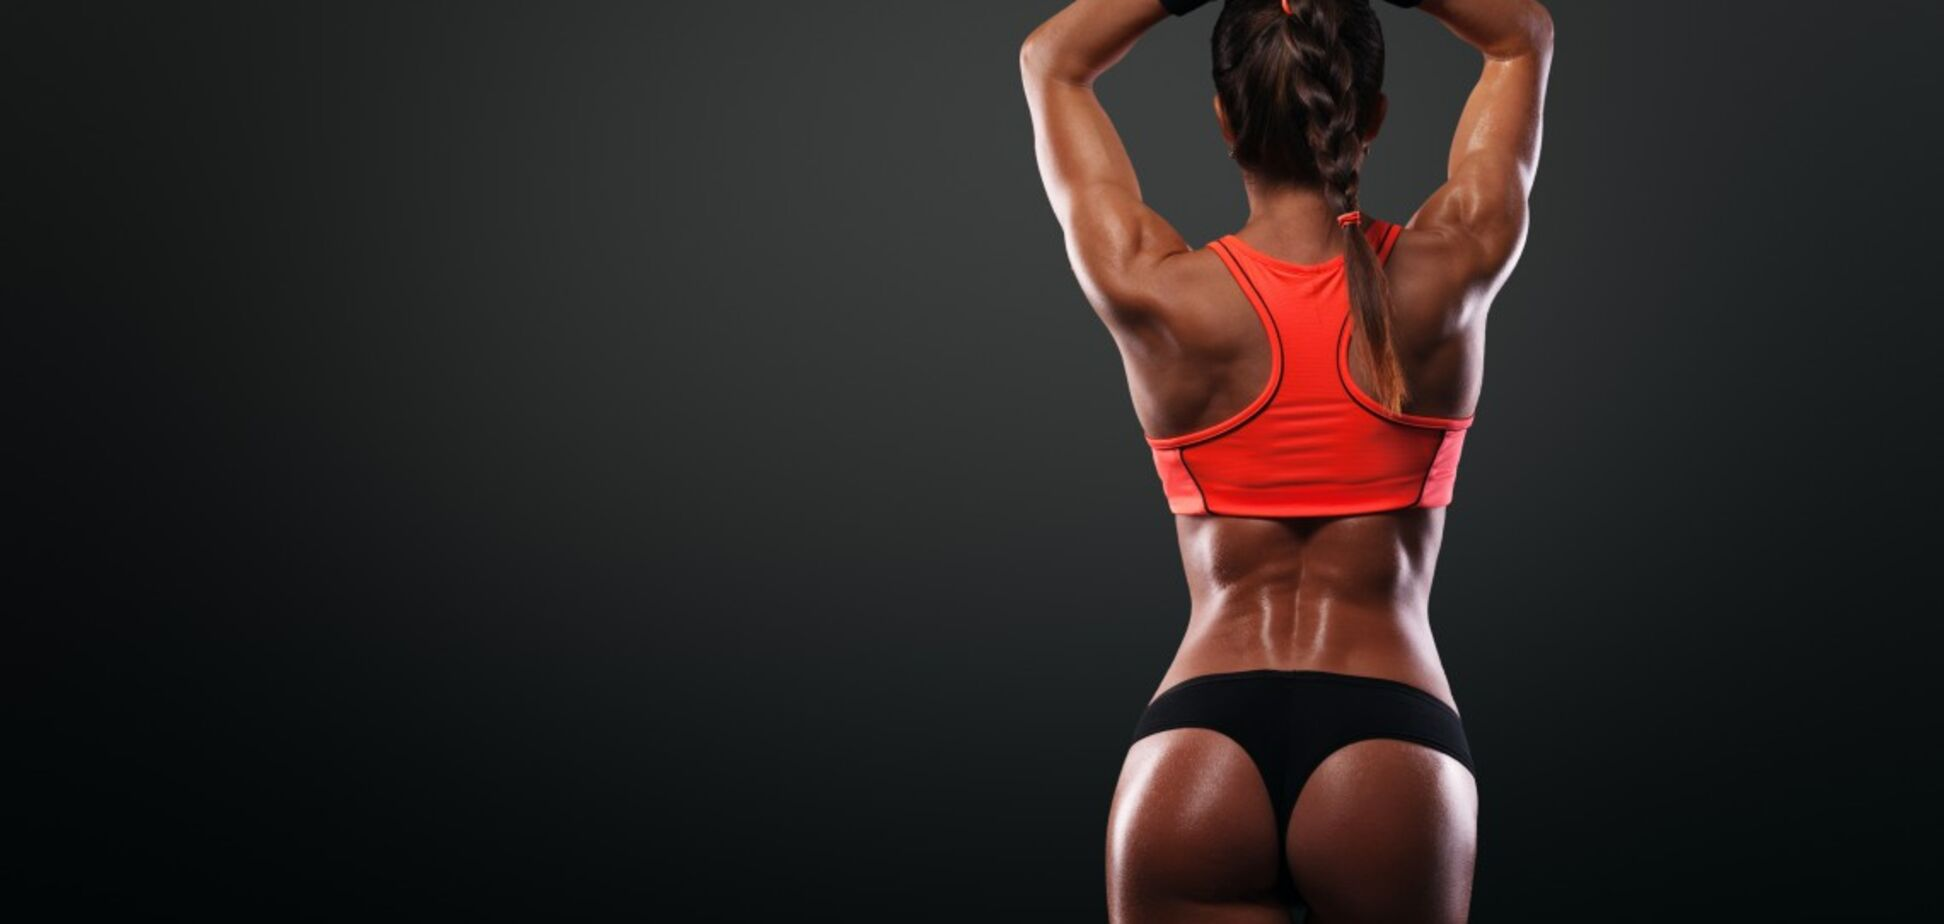 Нужно ли качать мышцы при боли в спине